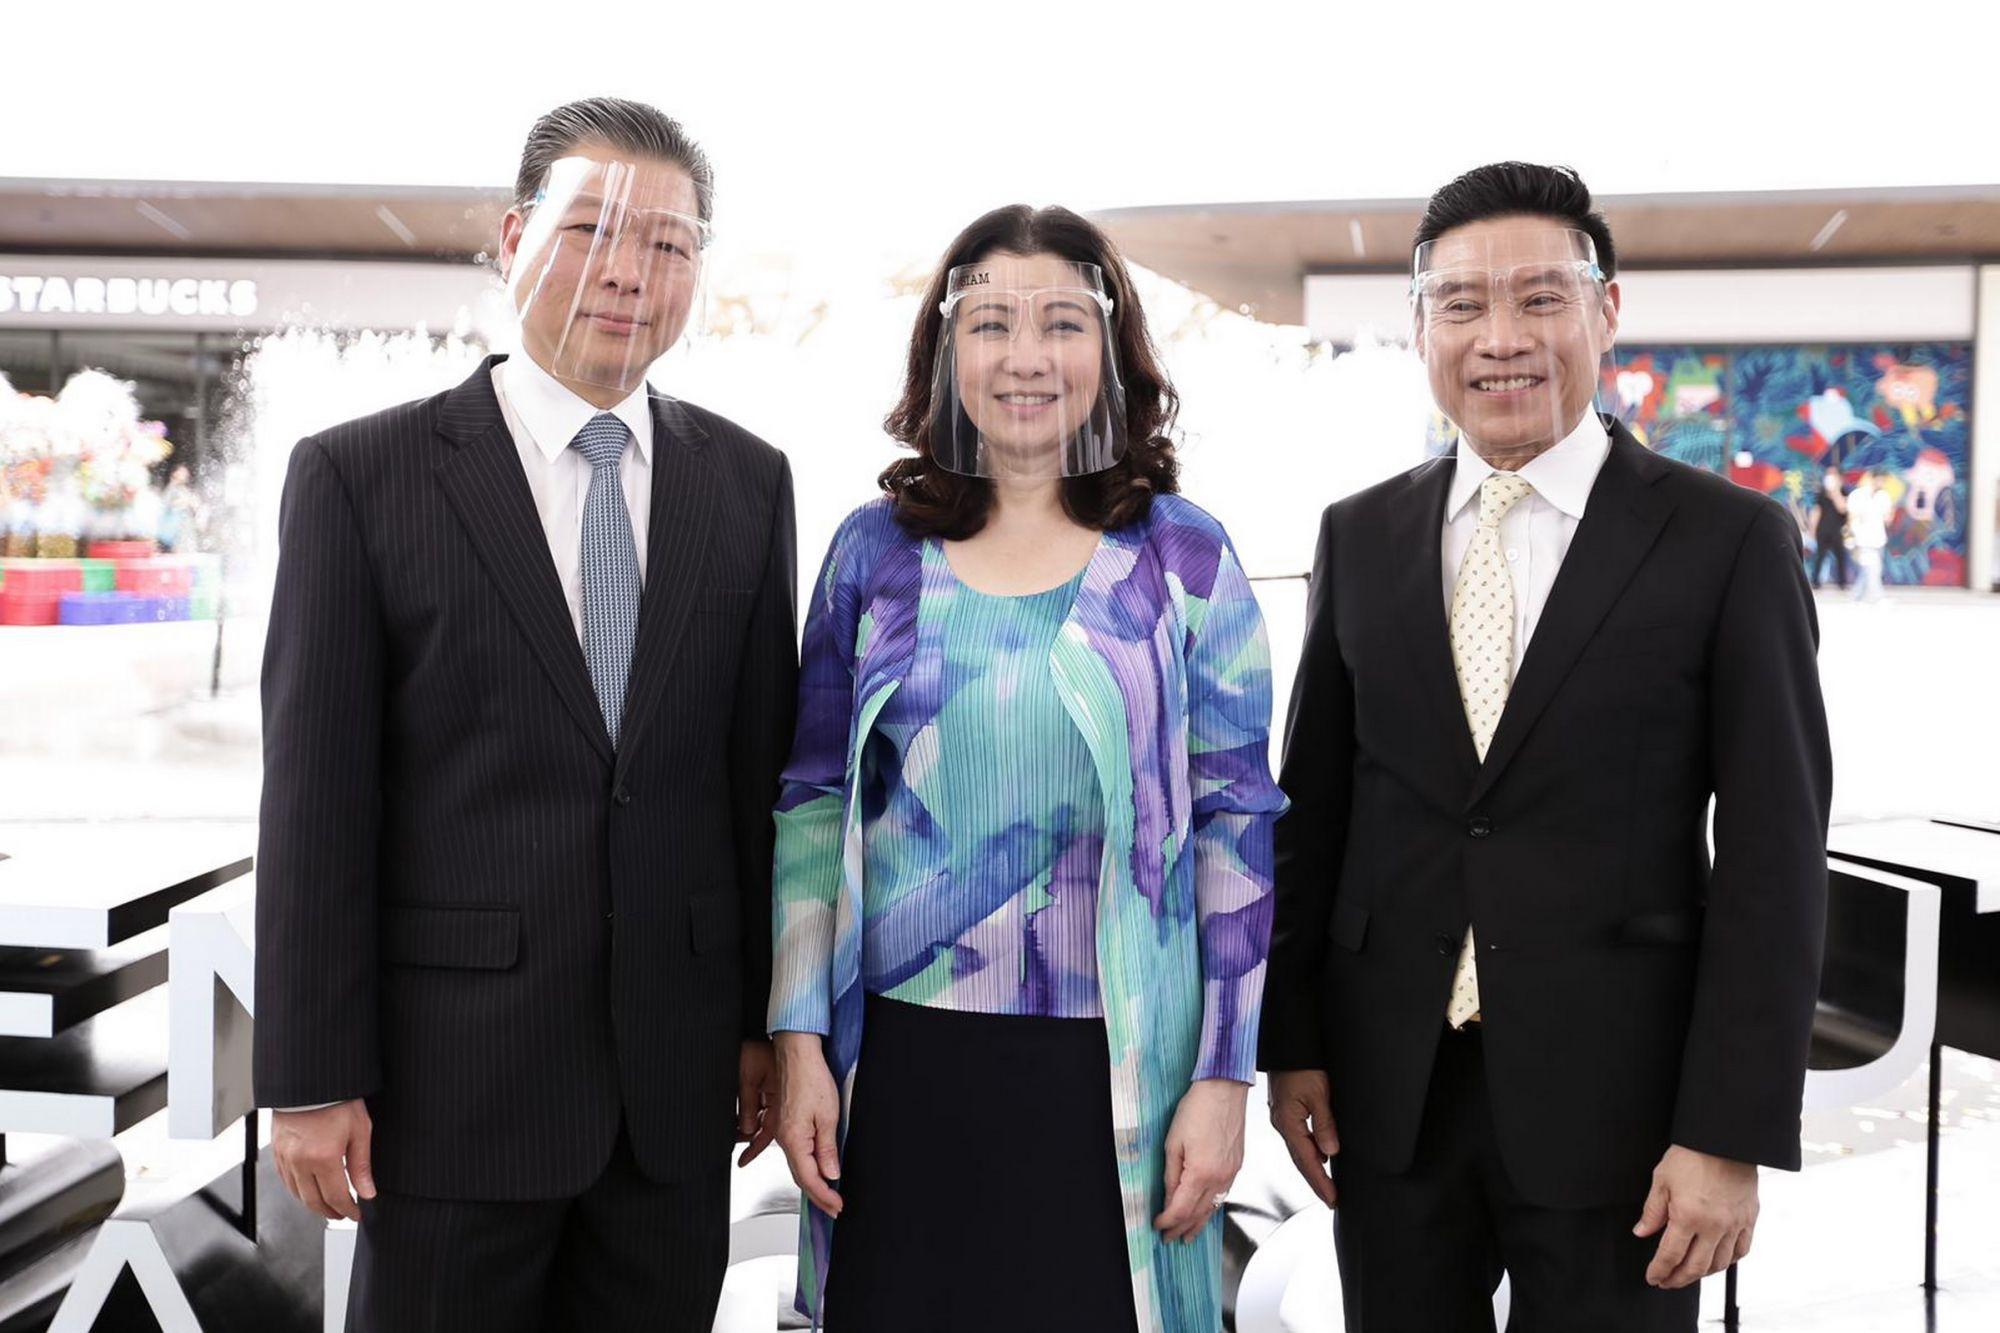 Suvait Theeravachirakul, Chadatip Chutrakul and Kasemsuk Chongmankhong